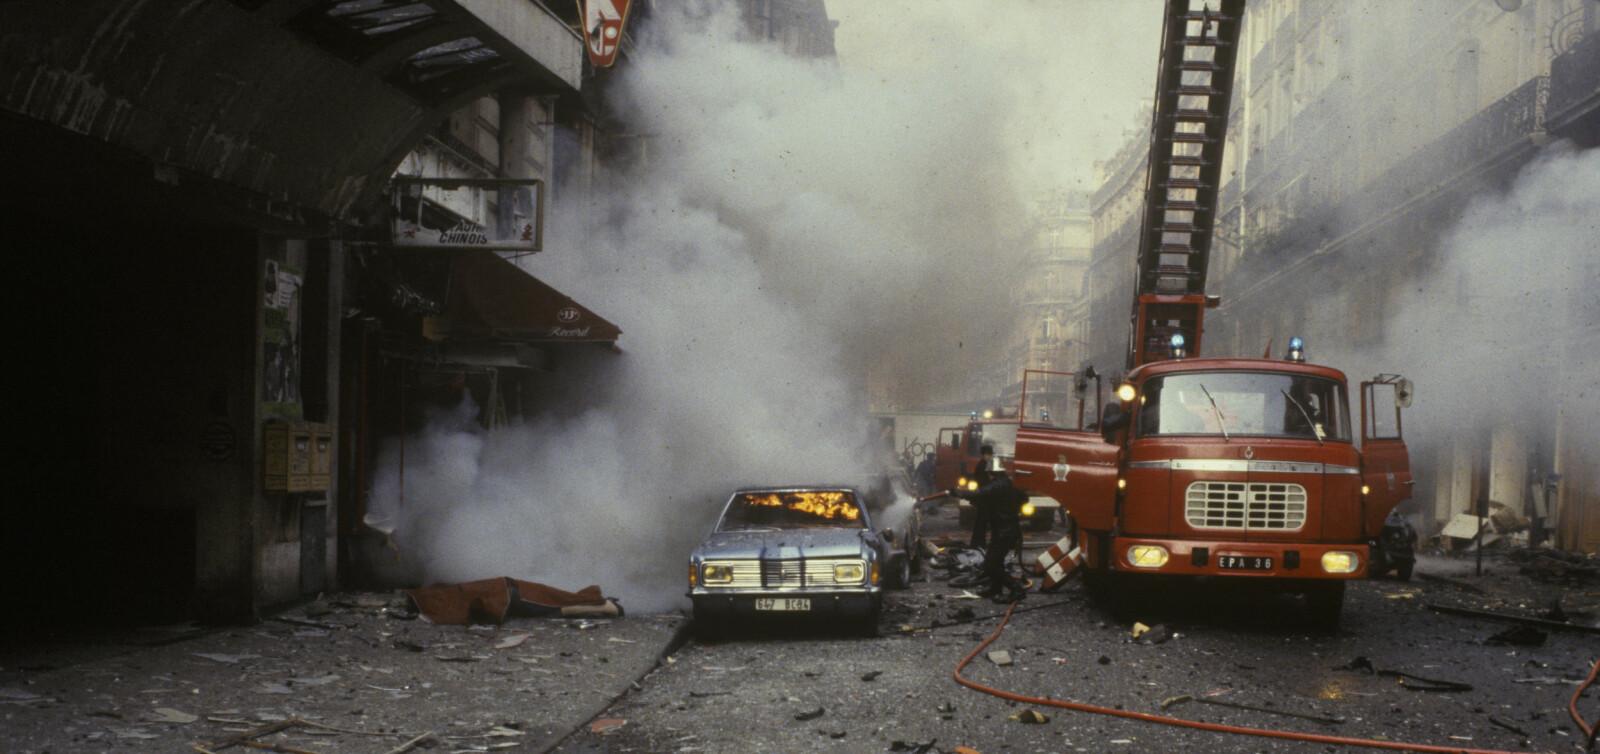 <b>SJAKALENS HEVN: </b>En kvinne i 30-årene ligger død på gaten i Rue Marbeuf i Paris 22. april 1982, og røyken etter Sjakalens bombe har ennå ikke forsvunnet. Målet med terrorangrepet: Å få franske myndigheter til å sette kona fri fra fengsel.